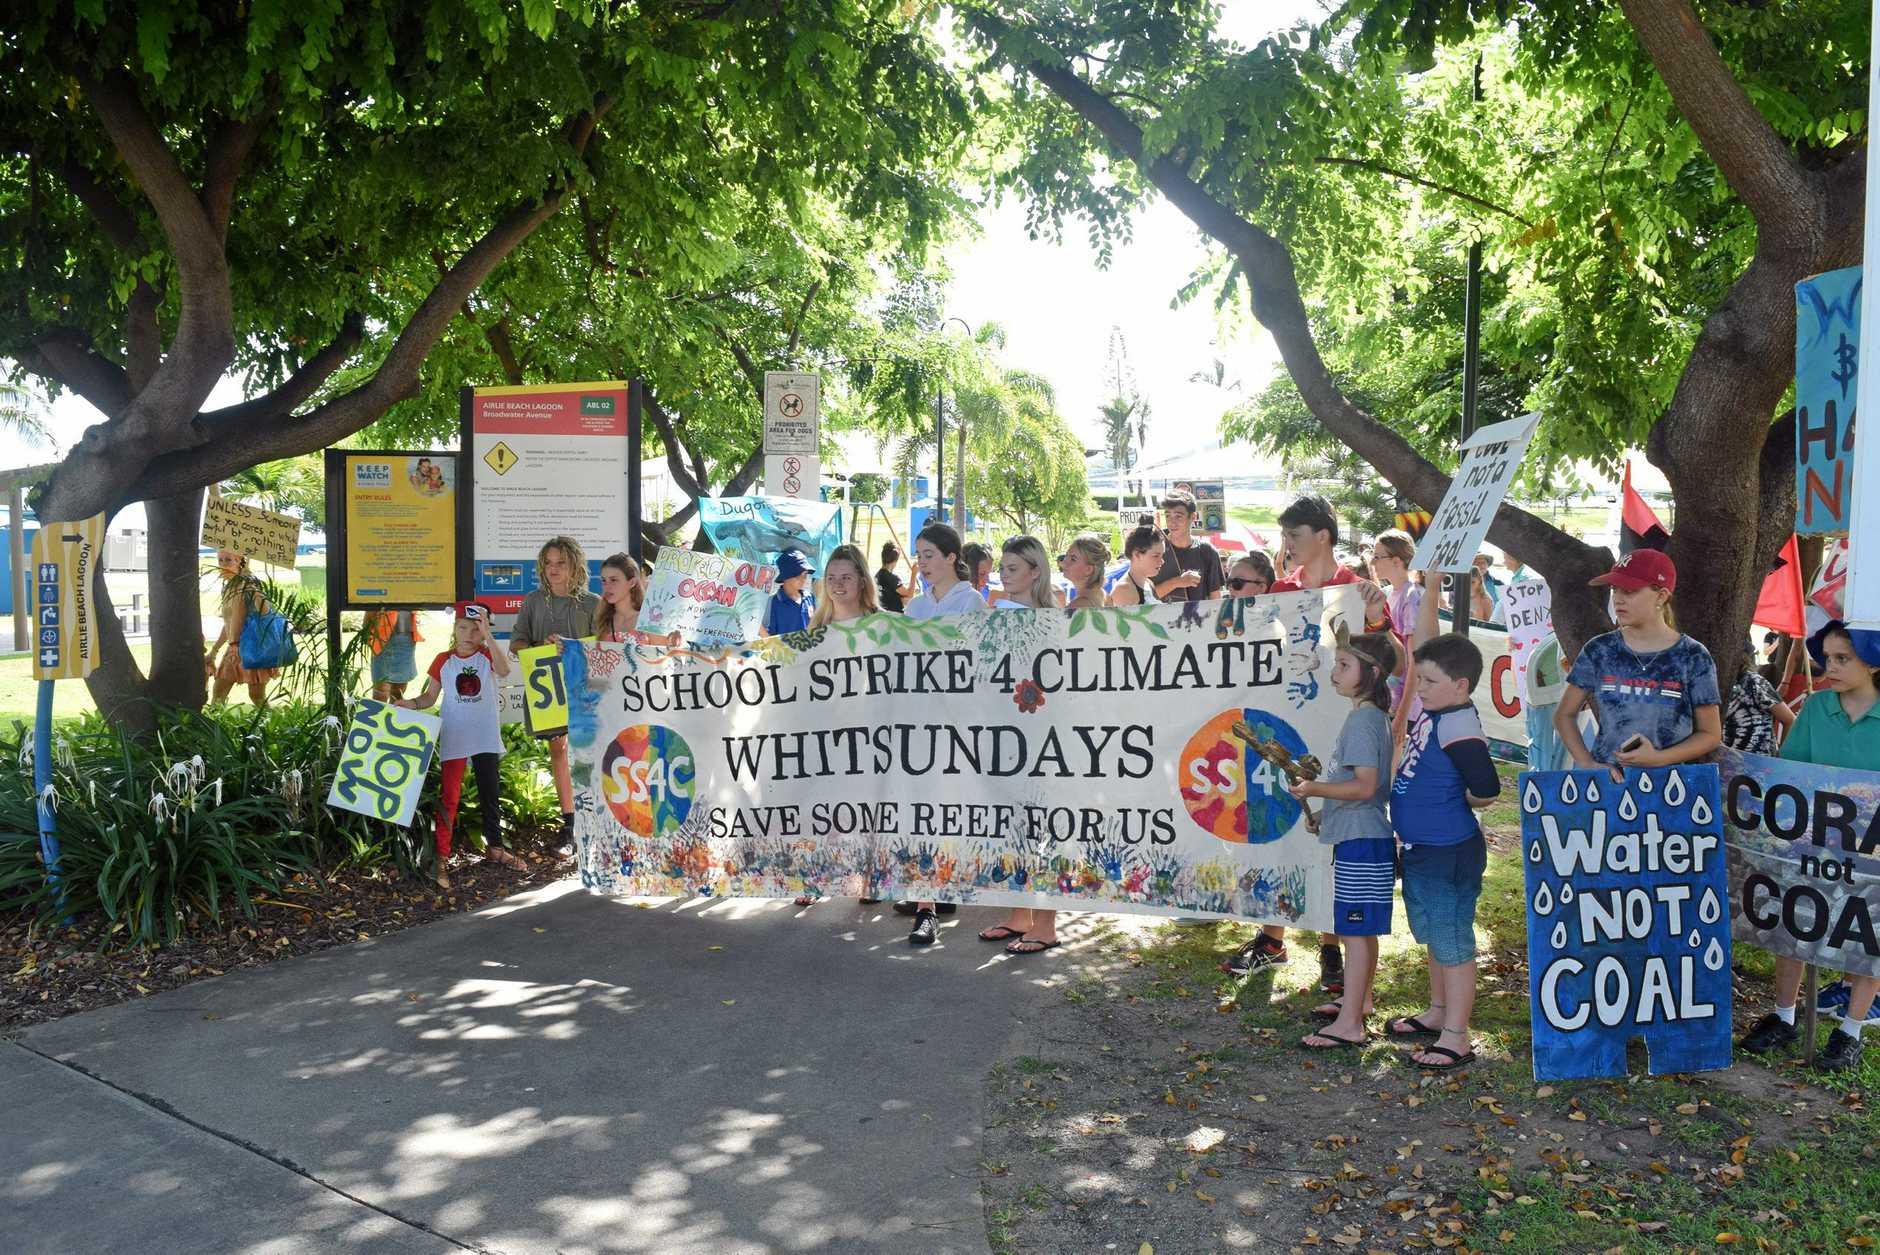 Whitsunday School Strikes